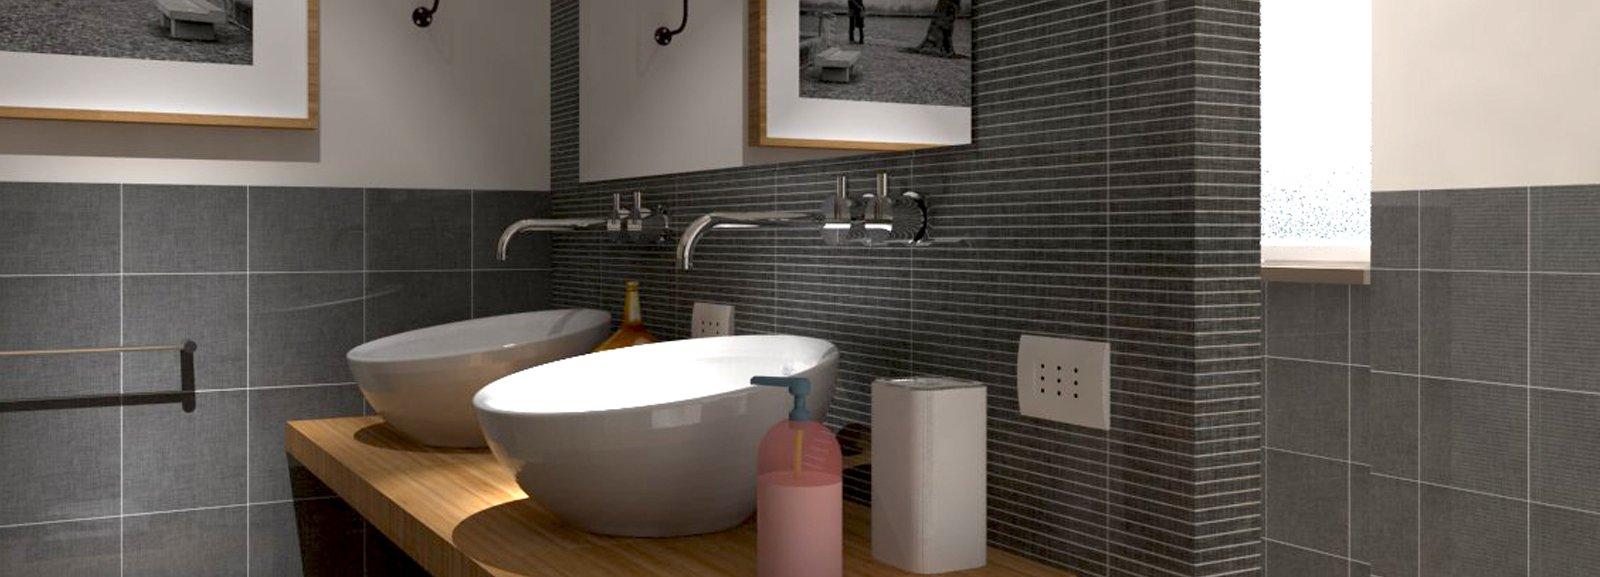 Rifare il bagno progetto in 3d con lavatrice nascosta cose di casa - Rifare il bagno da soli ...